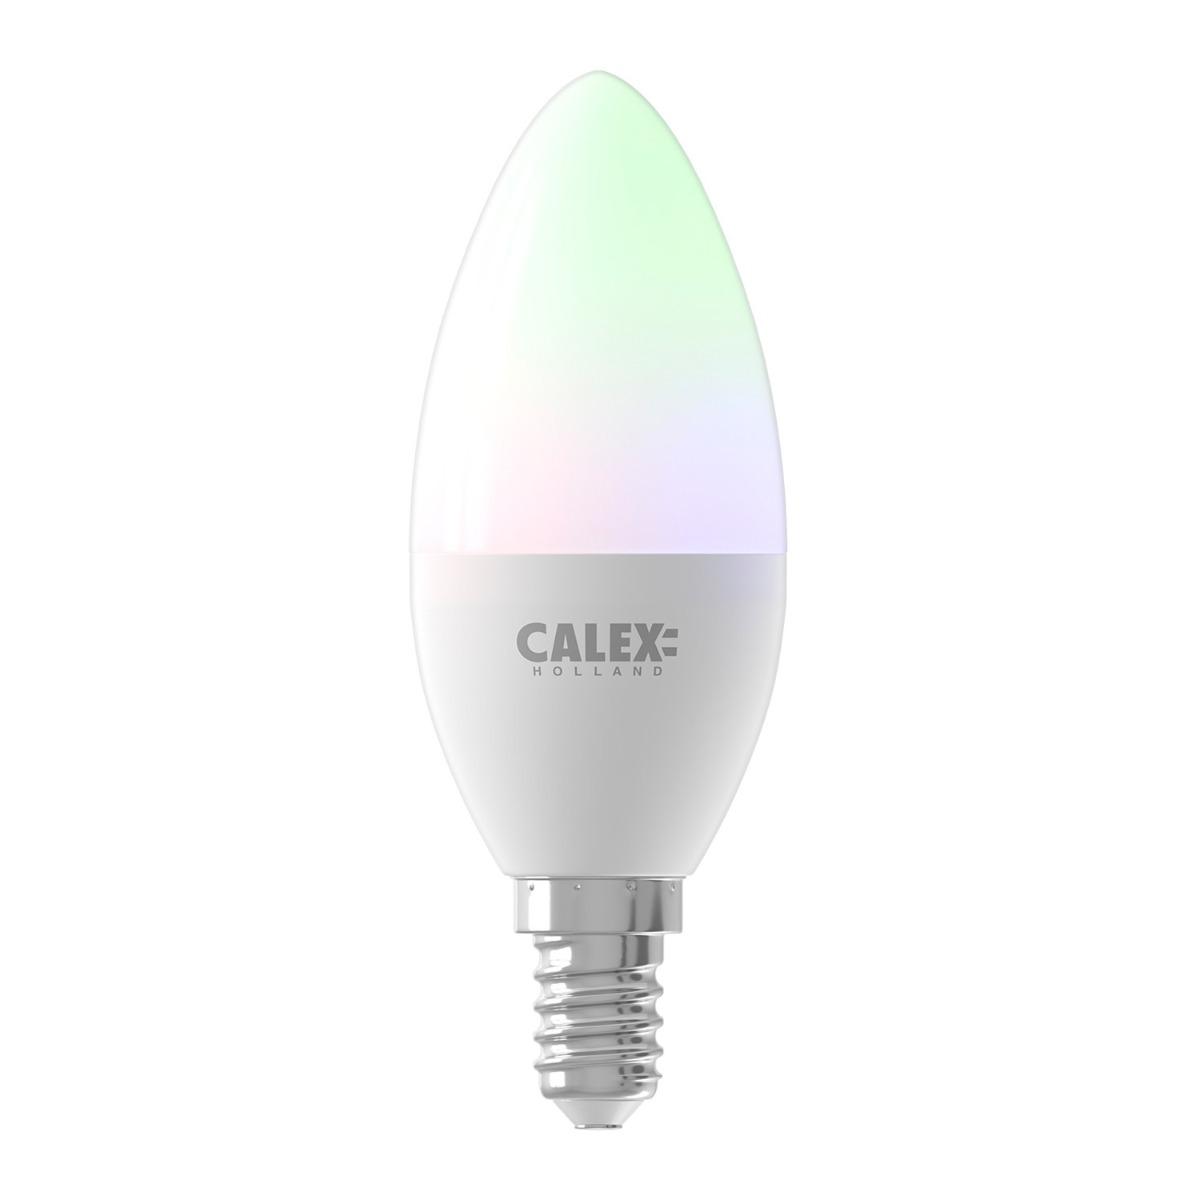 Bilde av Calex Smart Mignon Led Pære E14 5w 470lm 2200-4000k | Tuya Wifi - Color Ambiance + Innstillbar Hvit